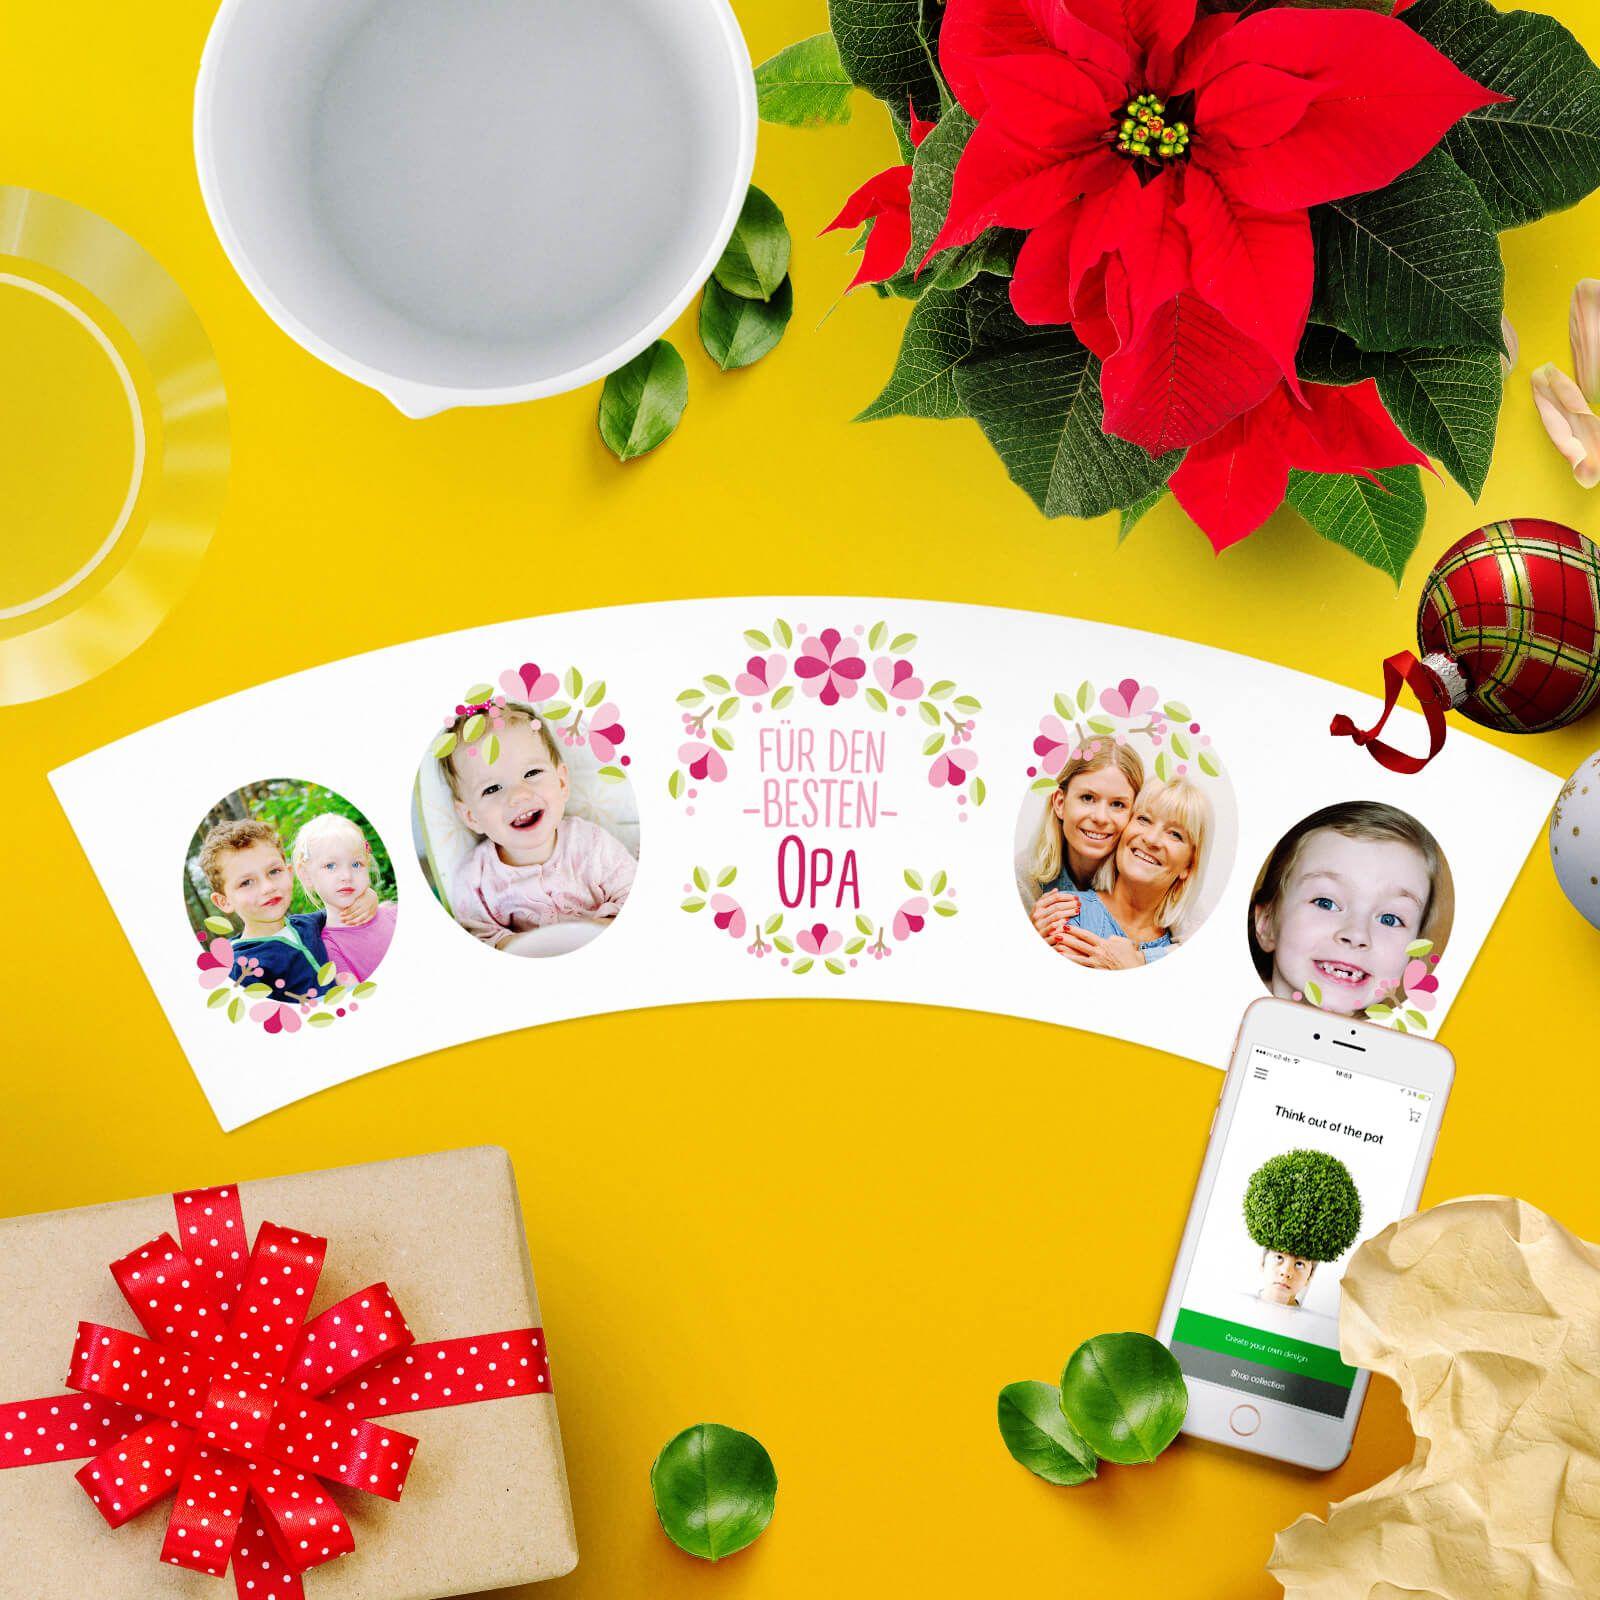 Für den besten Opa Weihnachtswünsche, Geschenke, Verschenken